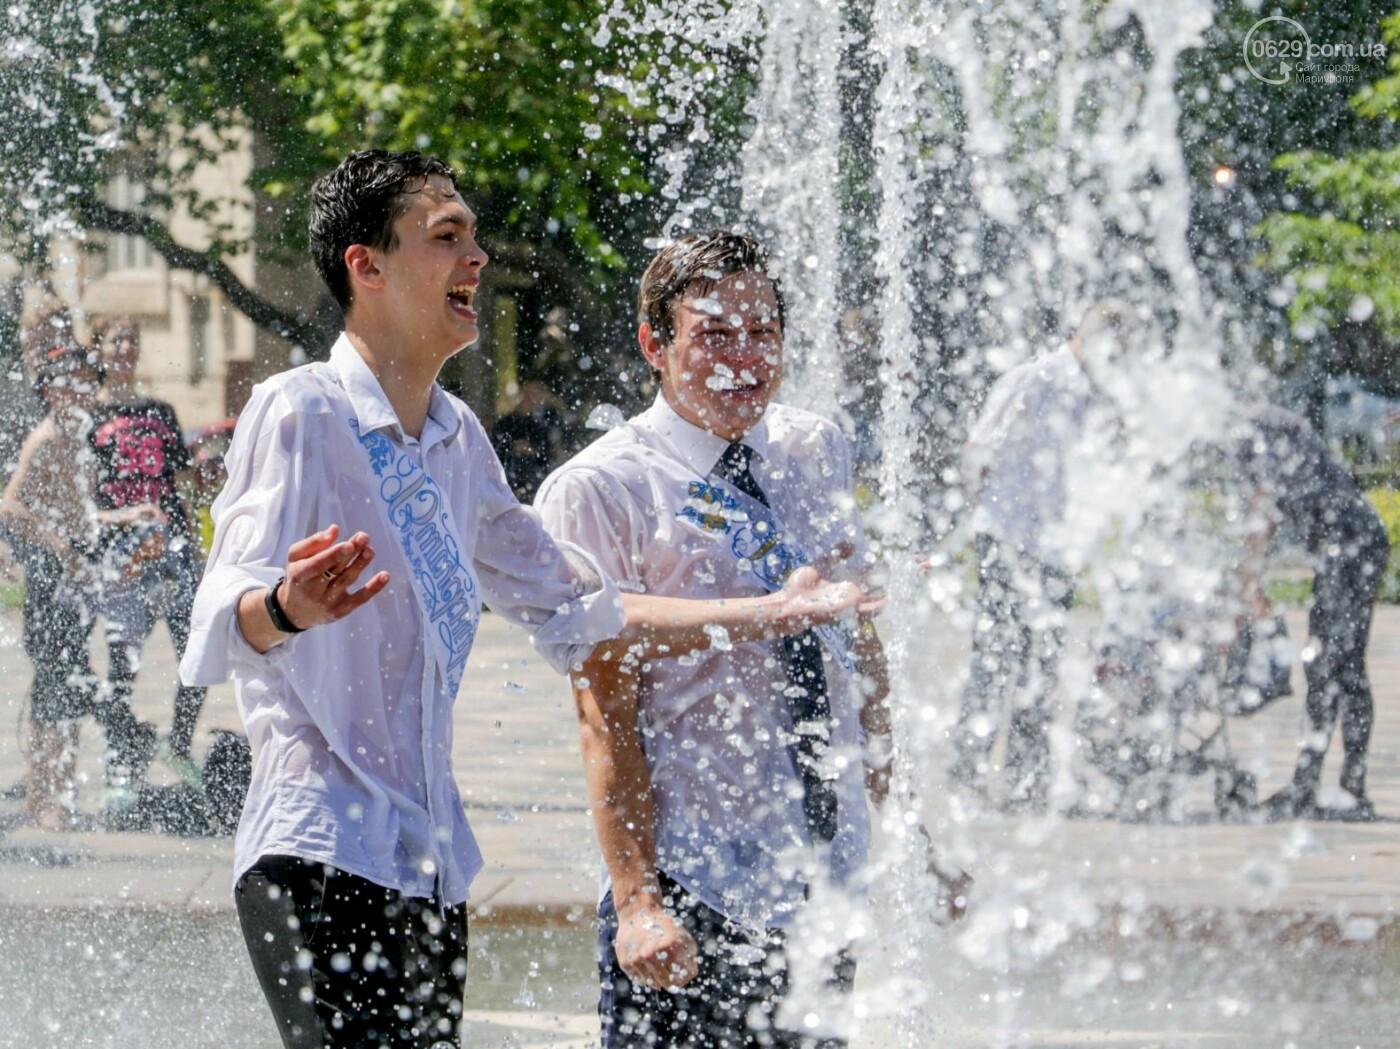 Как мариупольские школьники у десантников фонтаны отбирали, - ФОТОРЕПОРТАЖ, фото-7